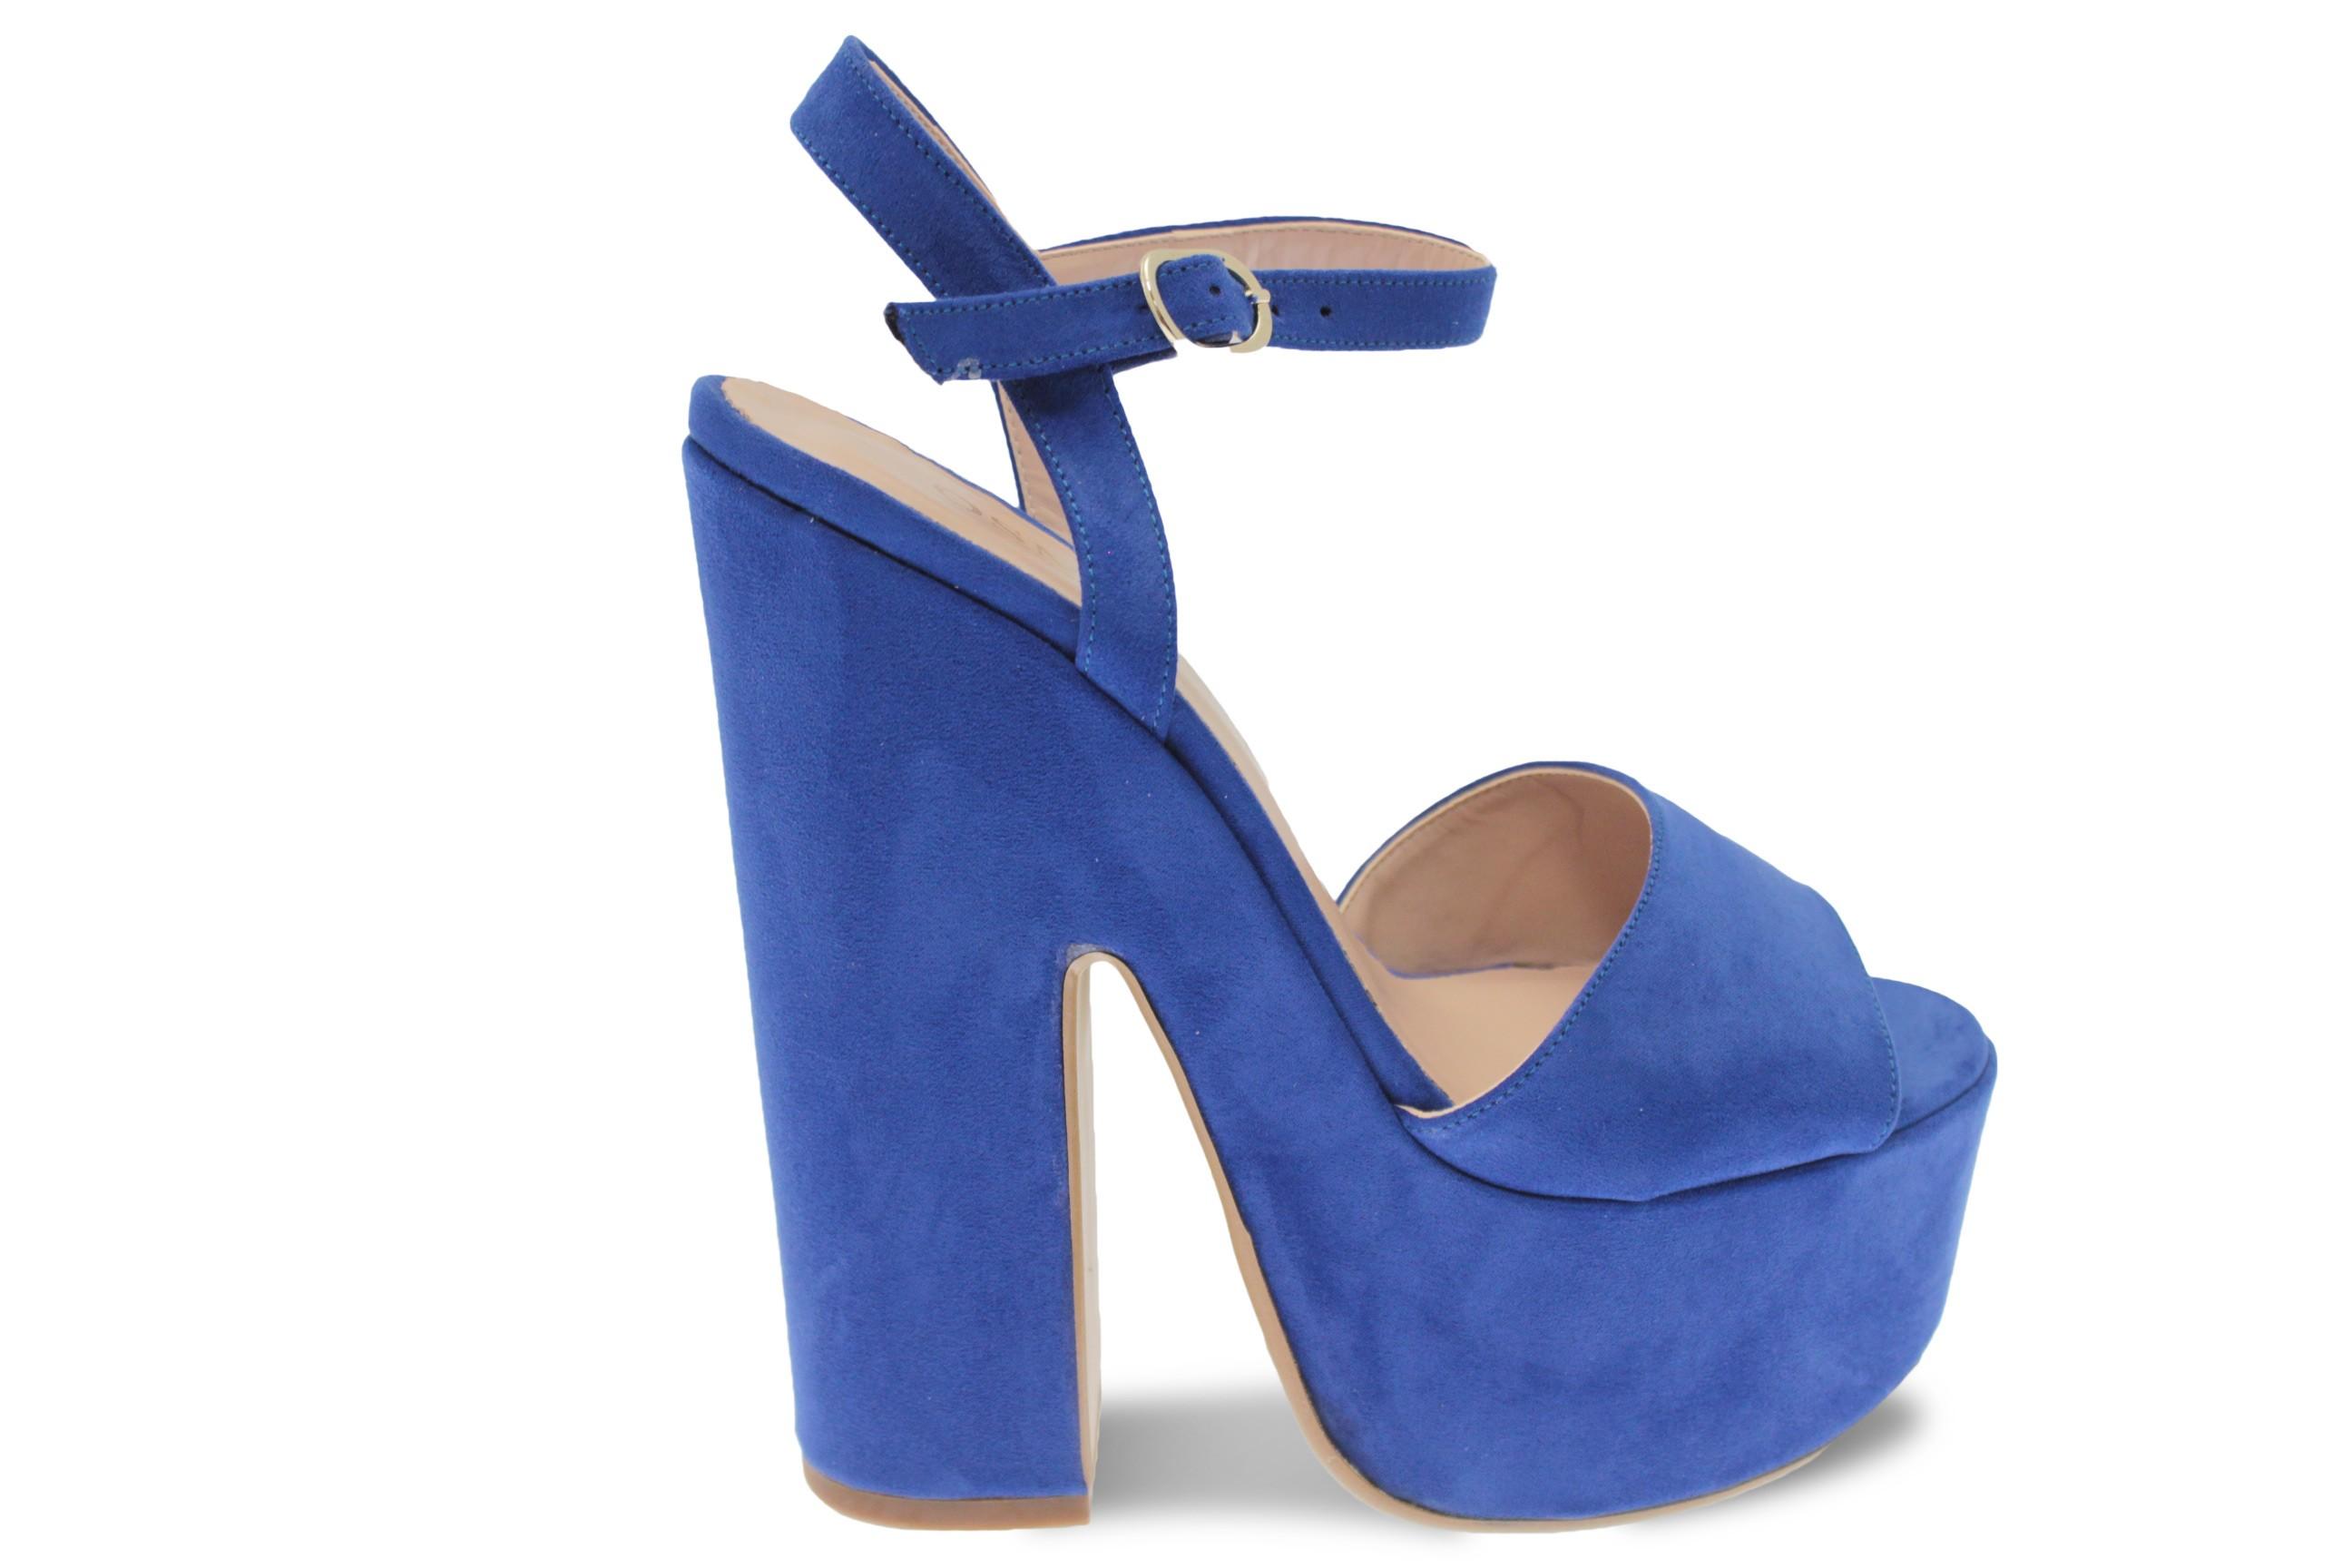 Osmose En Vintage Daim Sandale Dh2e9i Chic Adoptez Bleu La Rétro Touch vwON8nm0